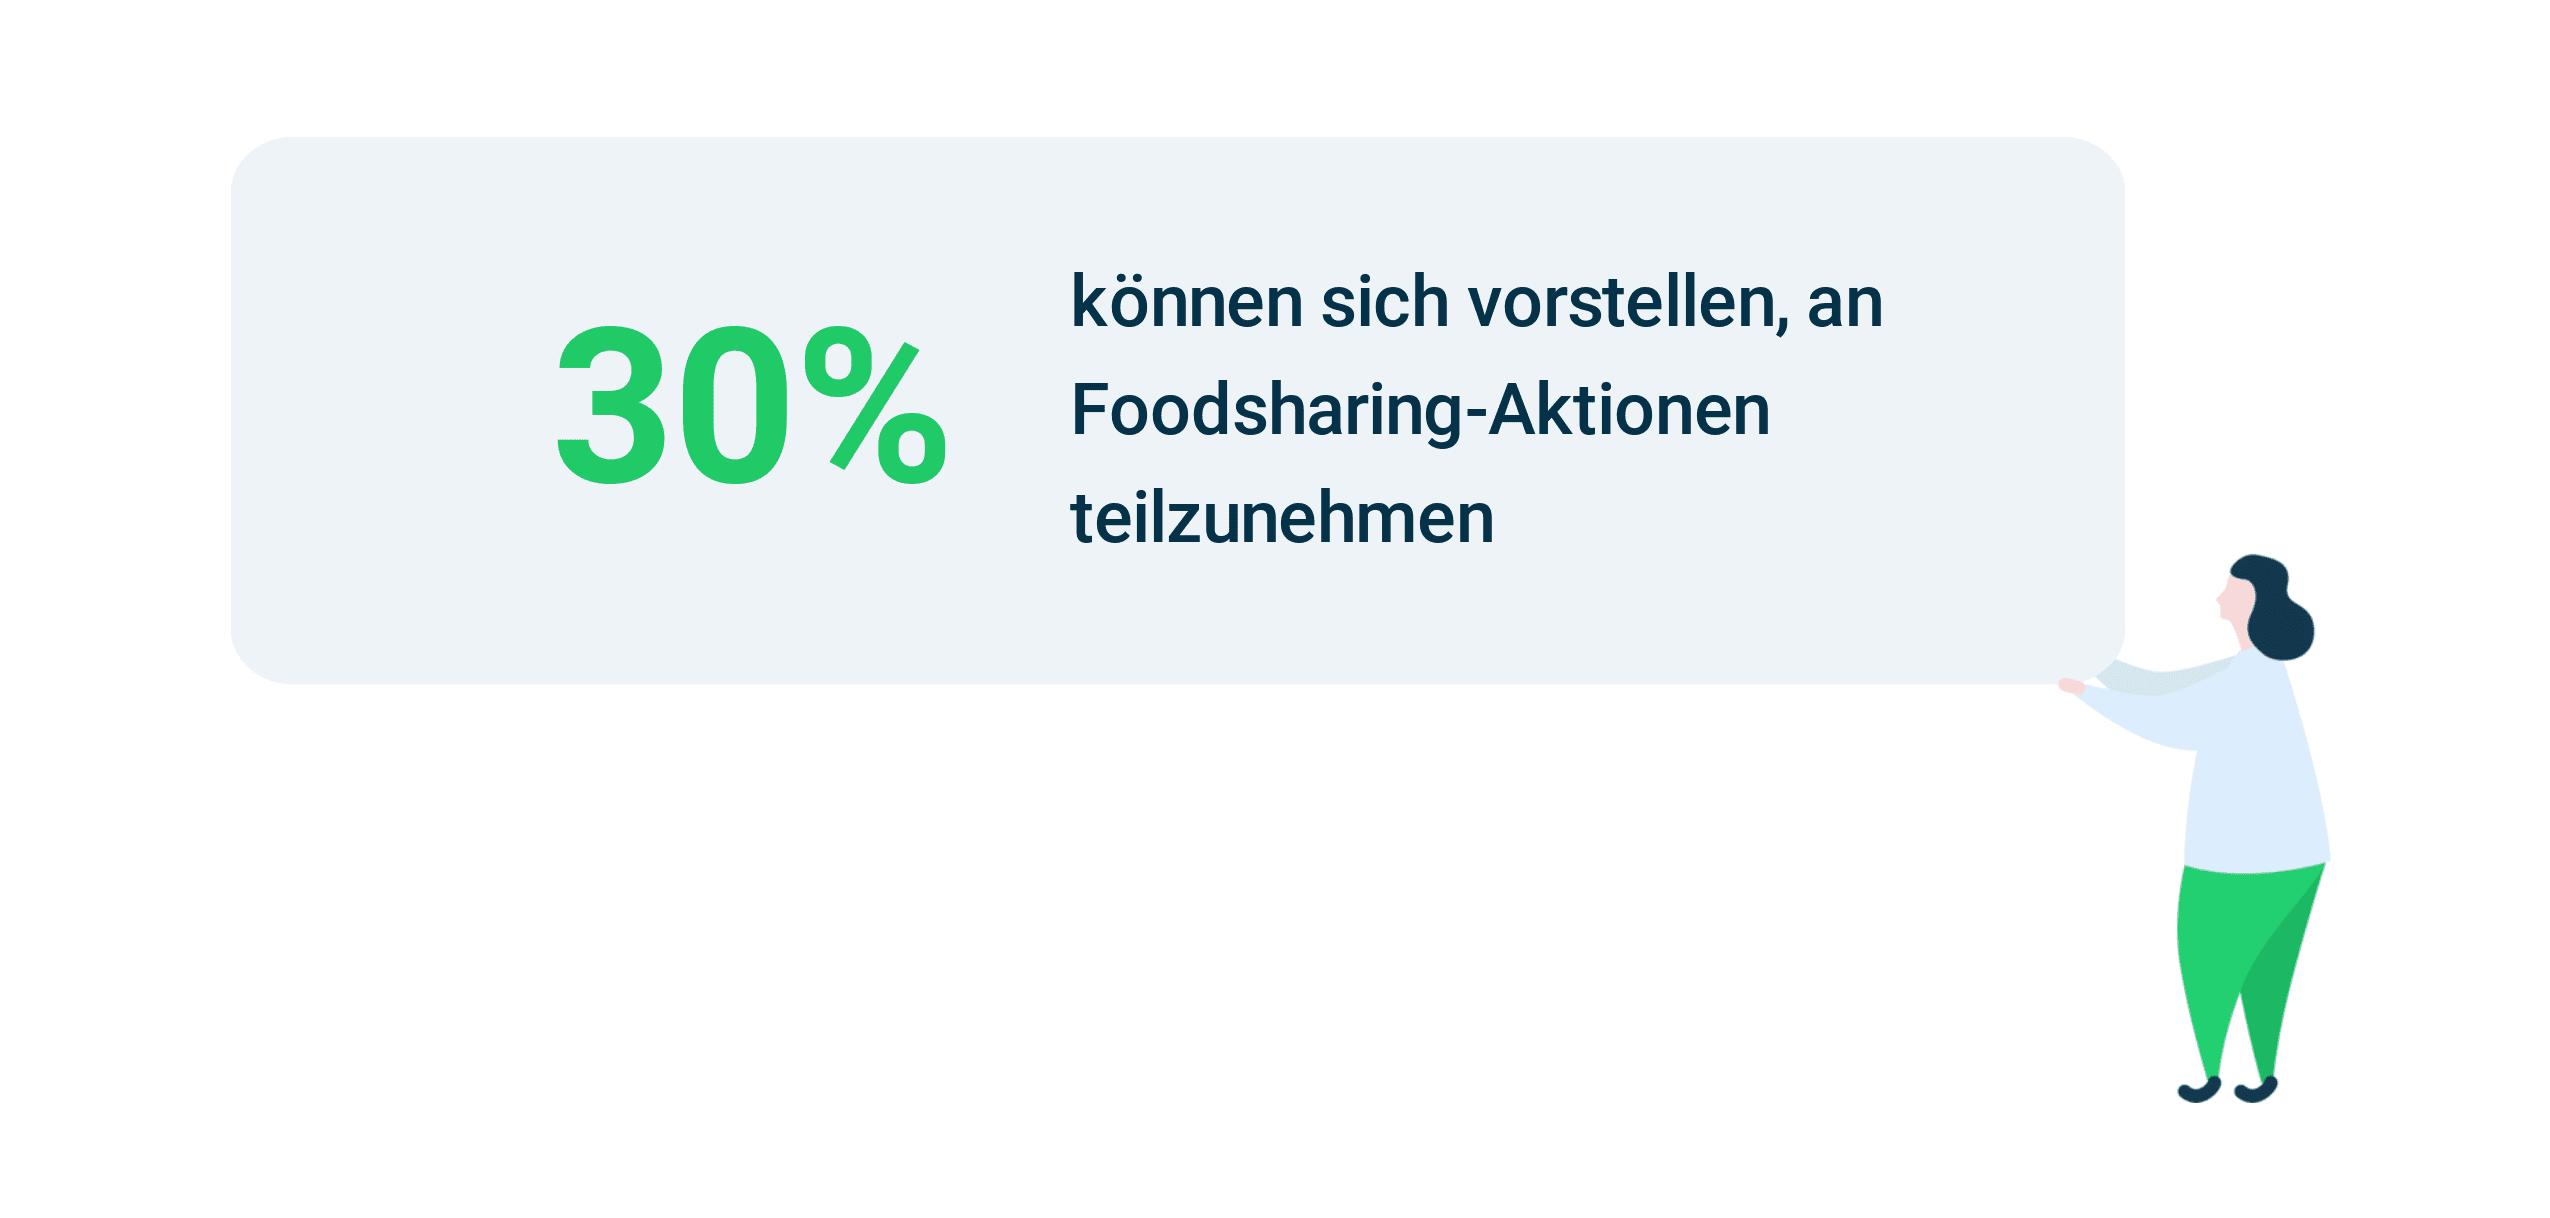 Appinio Studie zur lebensmittelverschwendung. 30 Prozent der jungen Konsumenten finden Foodsharing attraktiv